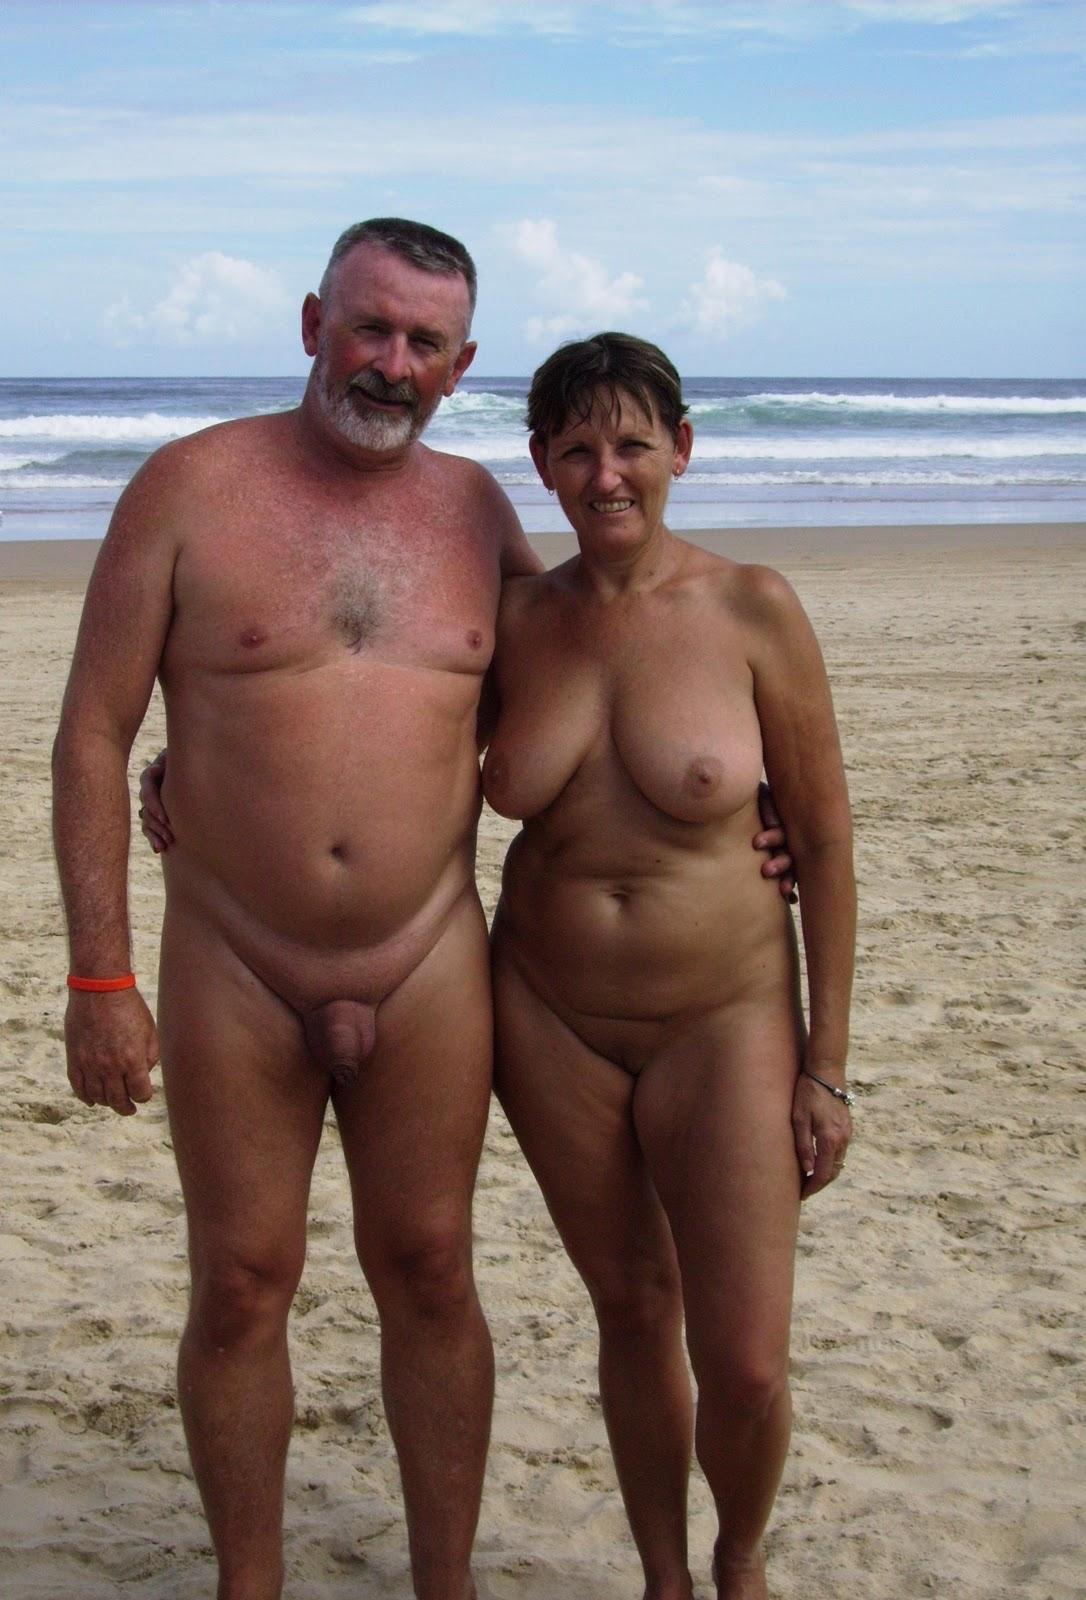 Gay senior nudist sex movie xxx worst was